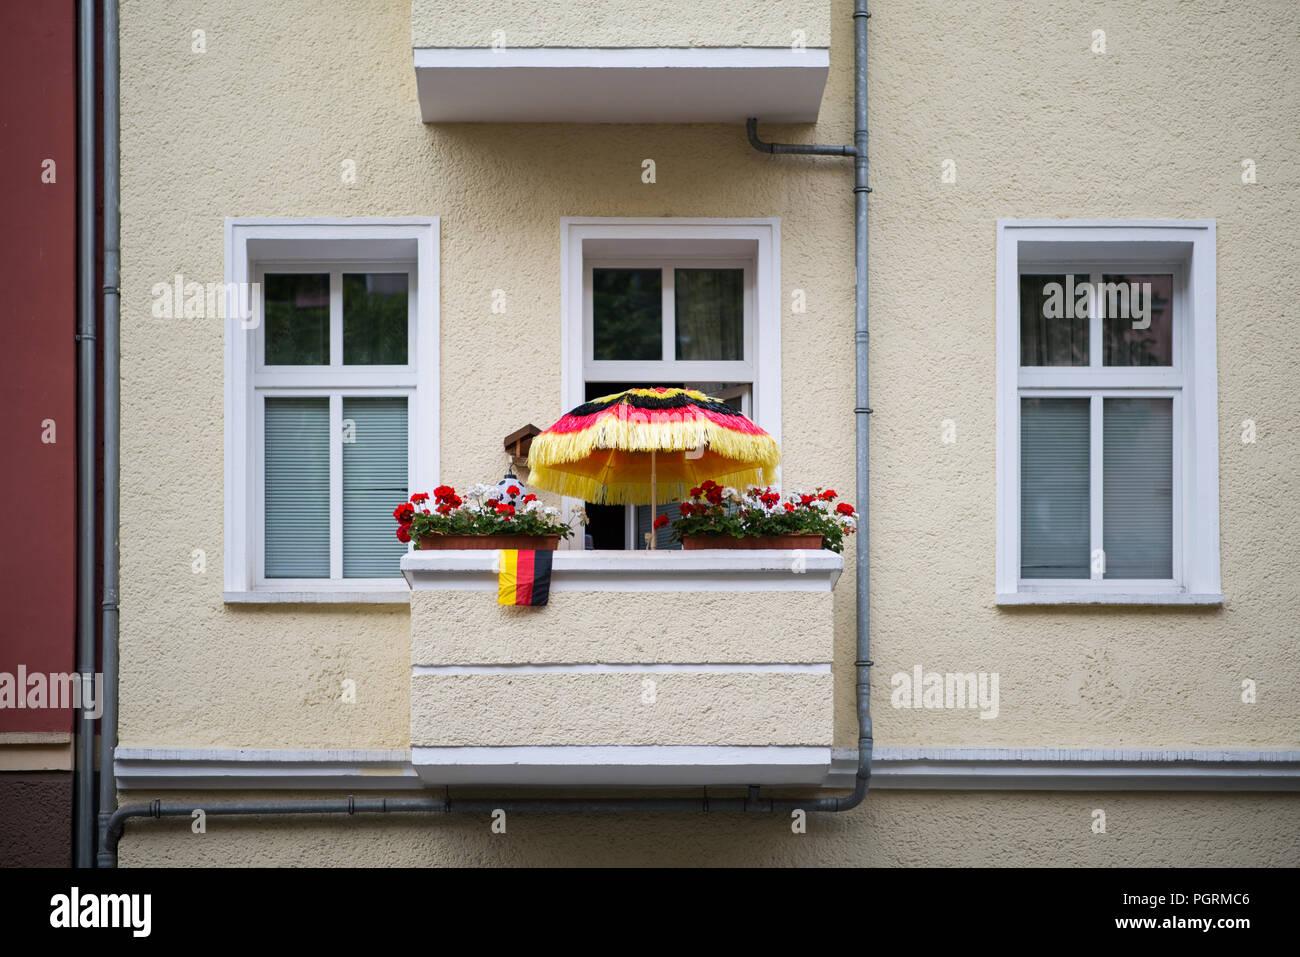 Balkon Deutschland Fußball Weltmeisterschaft - Stock Image